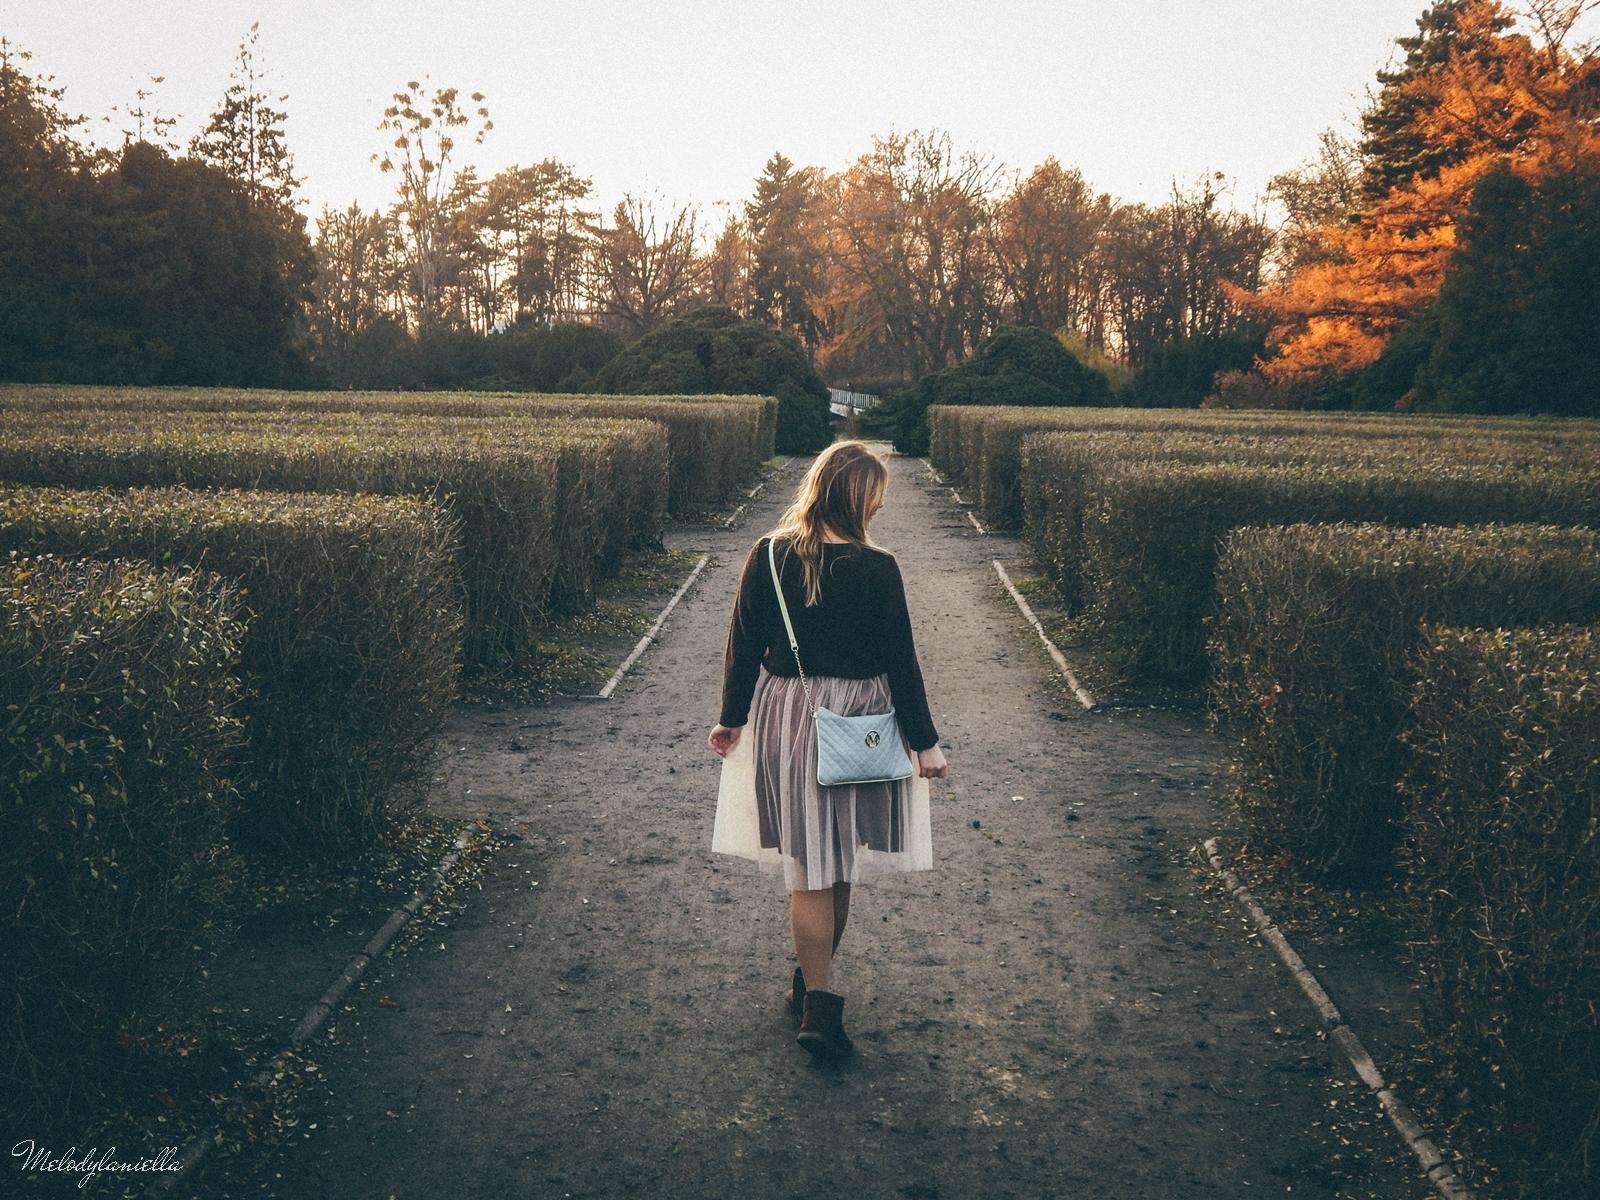 12. jesienna stylizacja tutu tiulowa spódnica dla dorosłych brązowy sweter torebka manzana melodylaniella autumn style fashion ciekawa stylizacja na jesień brązowa spódnica instagram